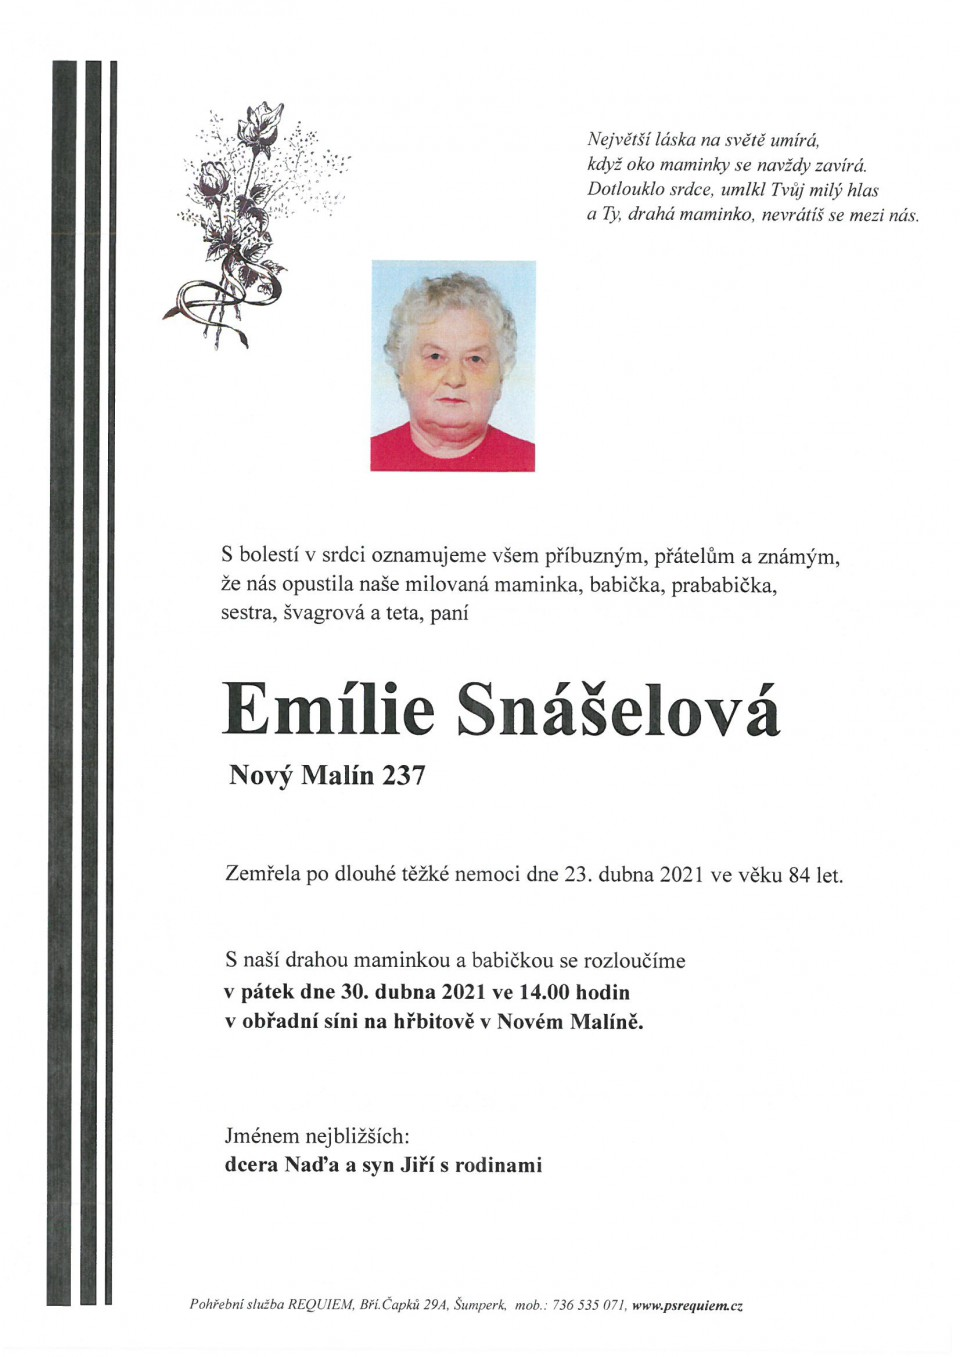 Emílie Snášelová.jpg